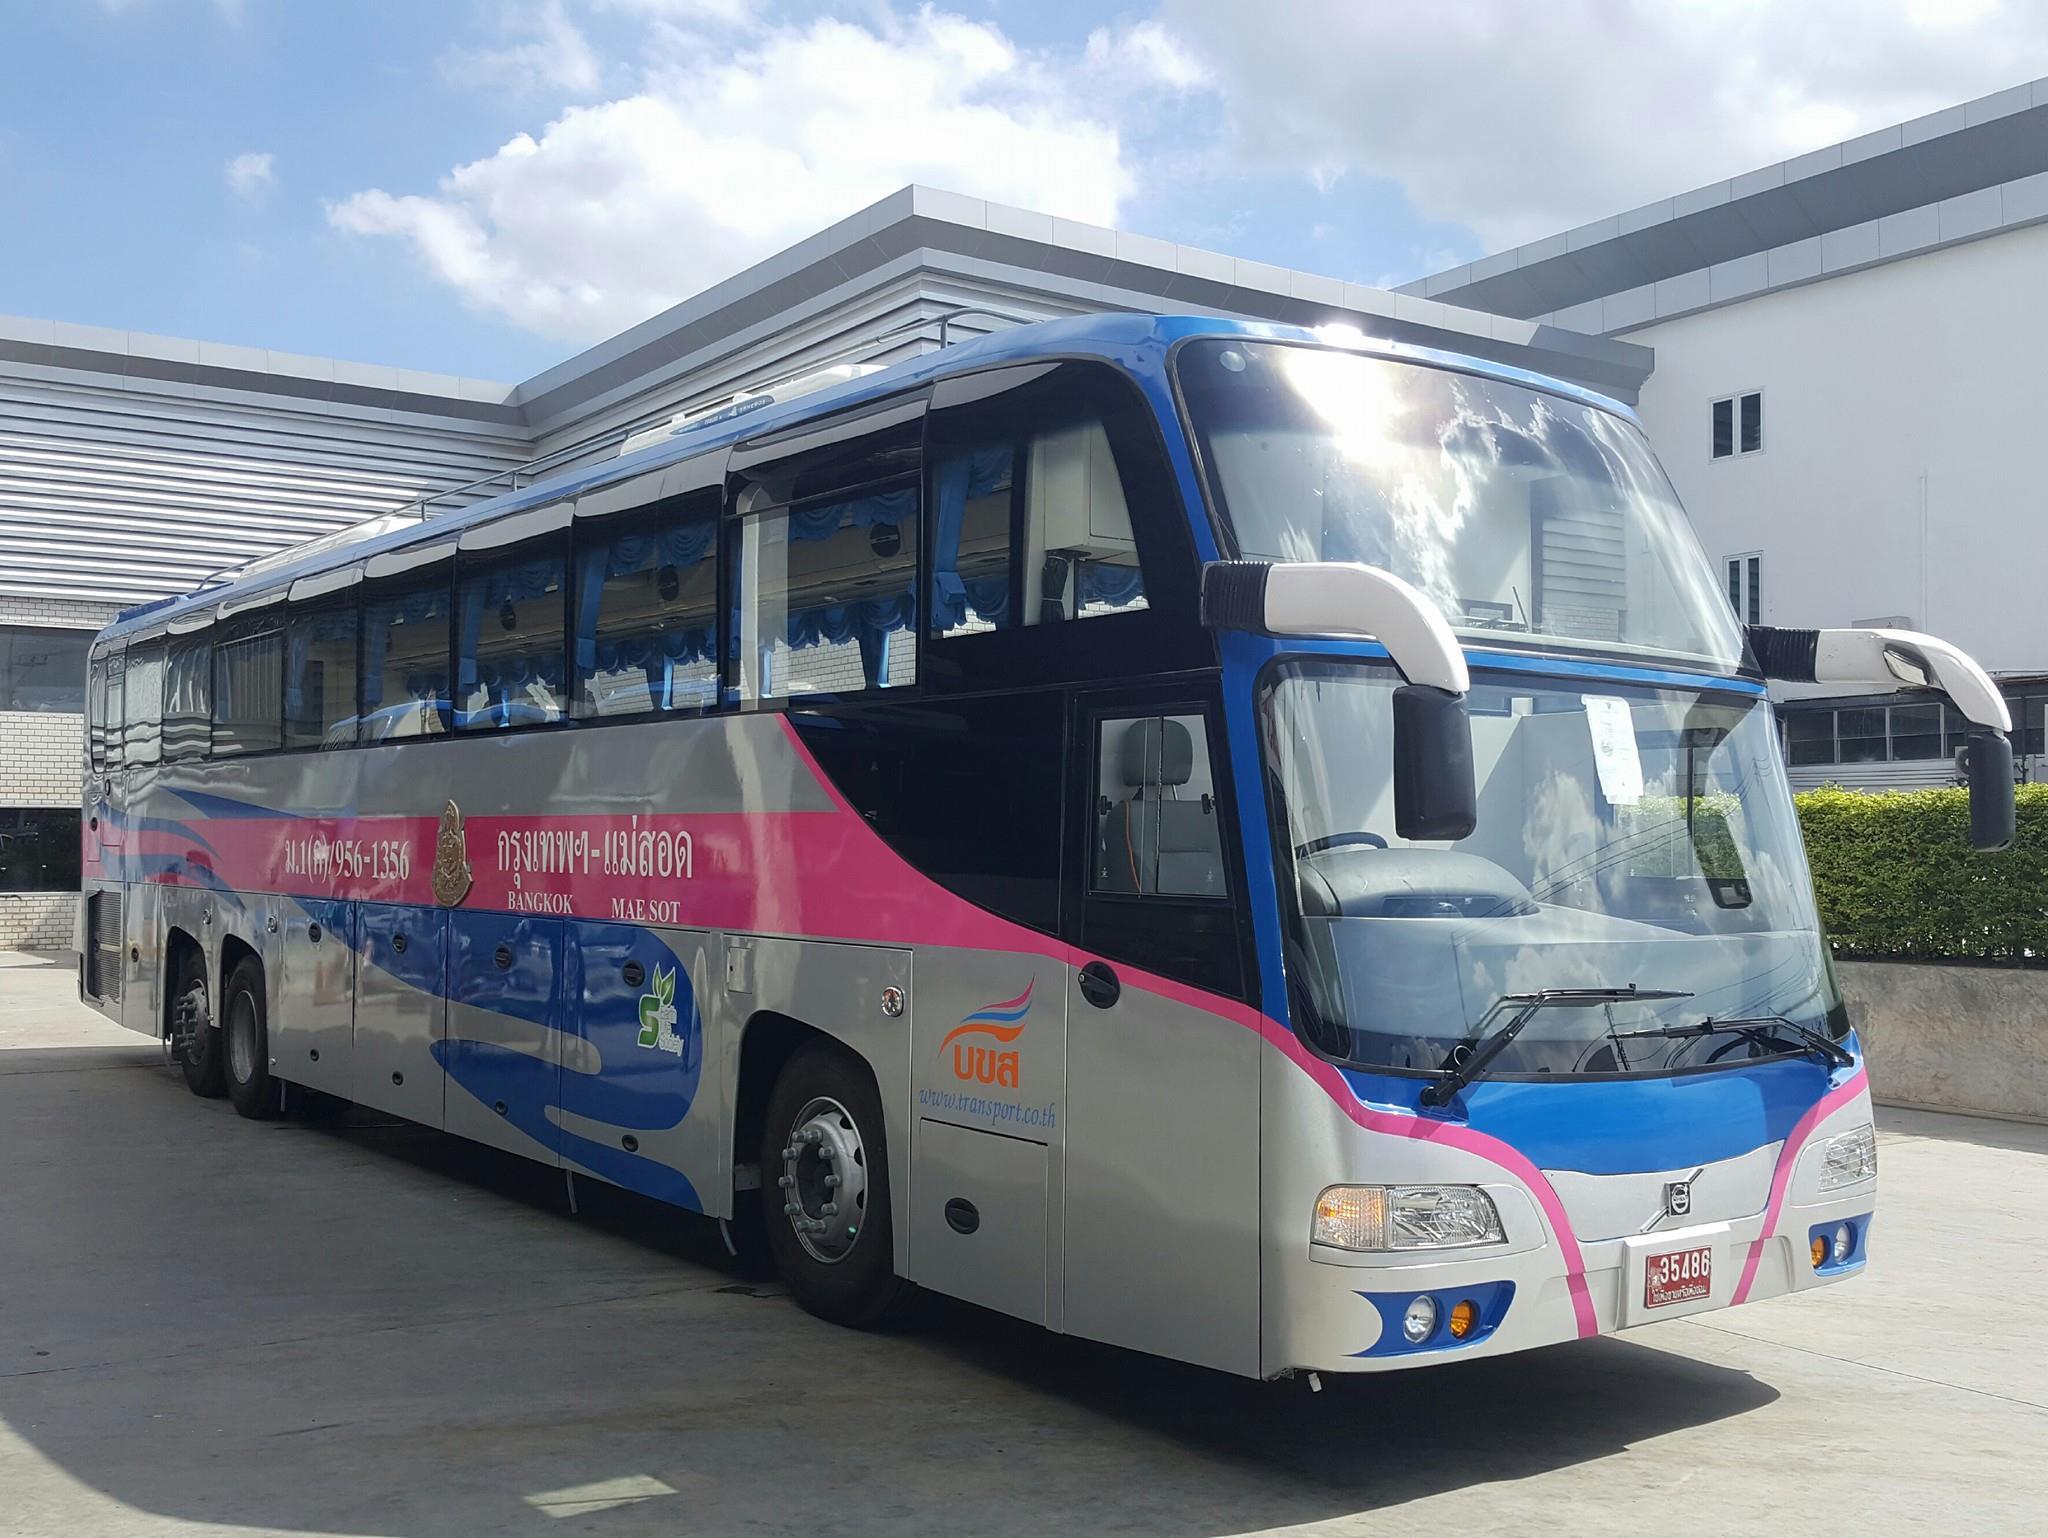 Bus 999